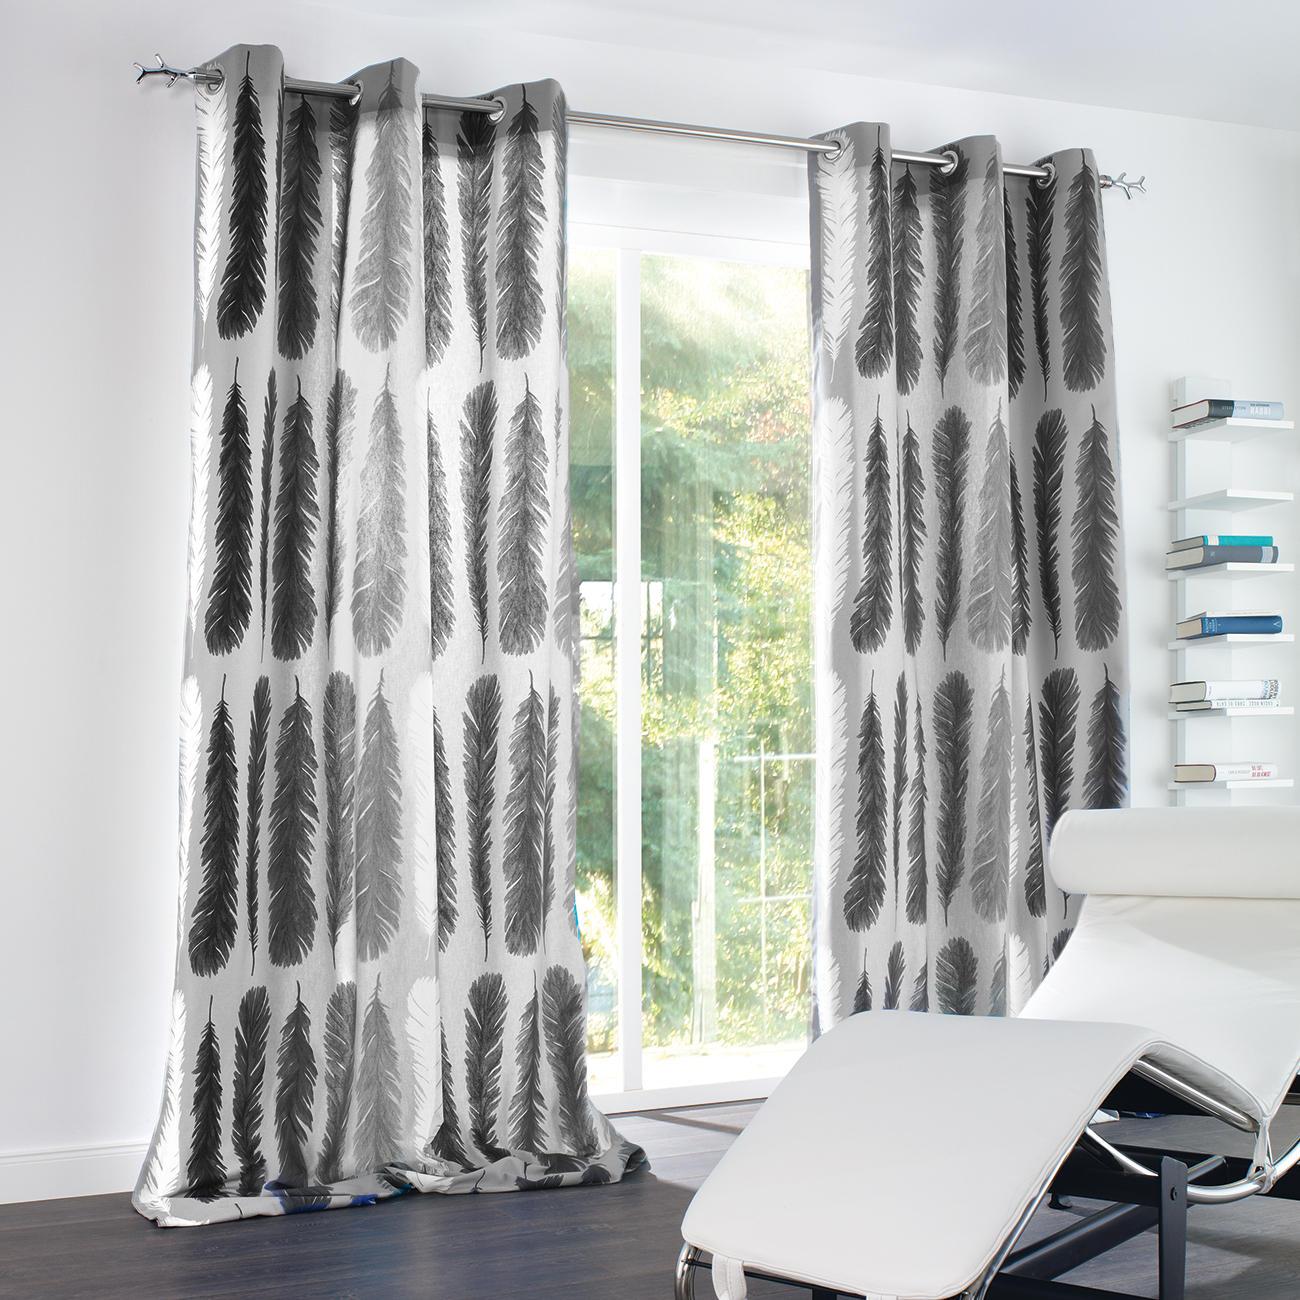 vorhang feather 1 st ck vorh nge kaufen das. Black Bedroom Furniture Sets. Home Design Ideas